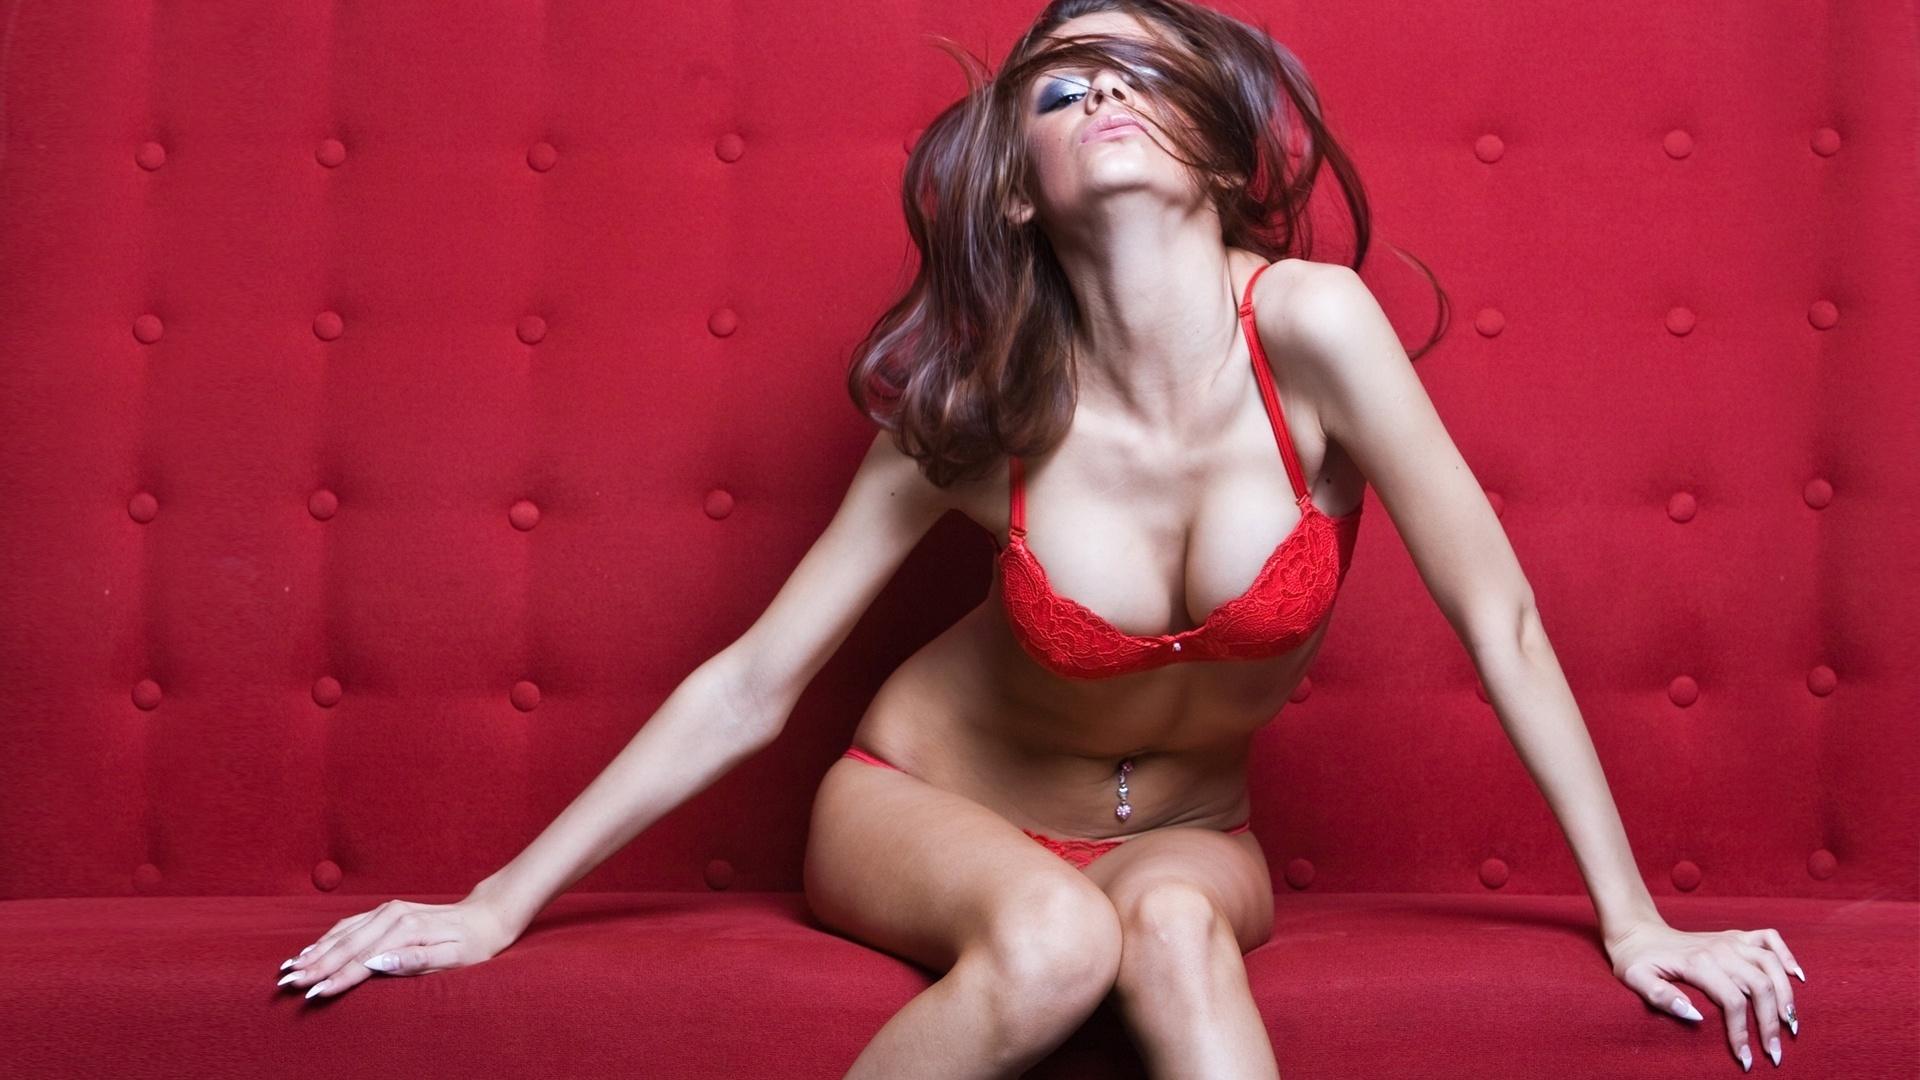 Фото секси гламурных, Гламурные девушки с шикарными прелестями. Фото 22 фотография